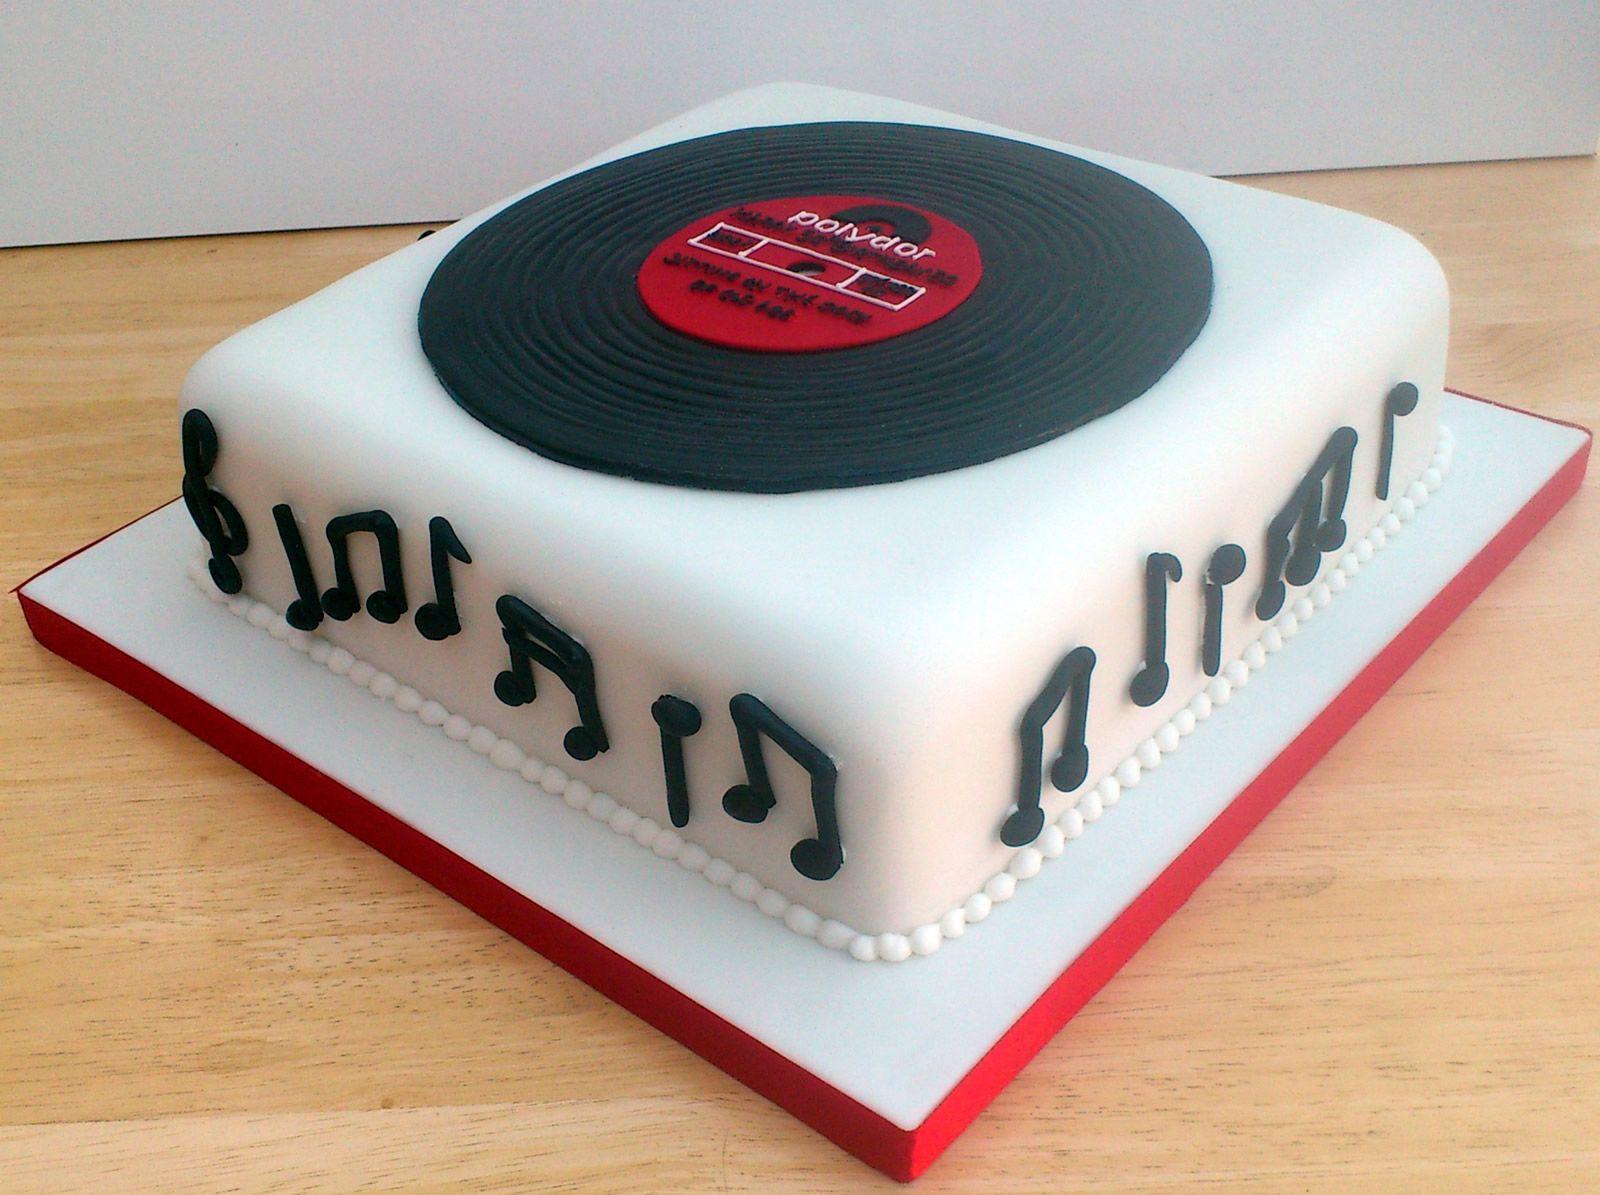 Old Vinyl Record Novelty Birthday Cake Susie S Cakes Music Birthday Cakes Music Cakes Novelty Birthday Cakes